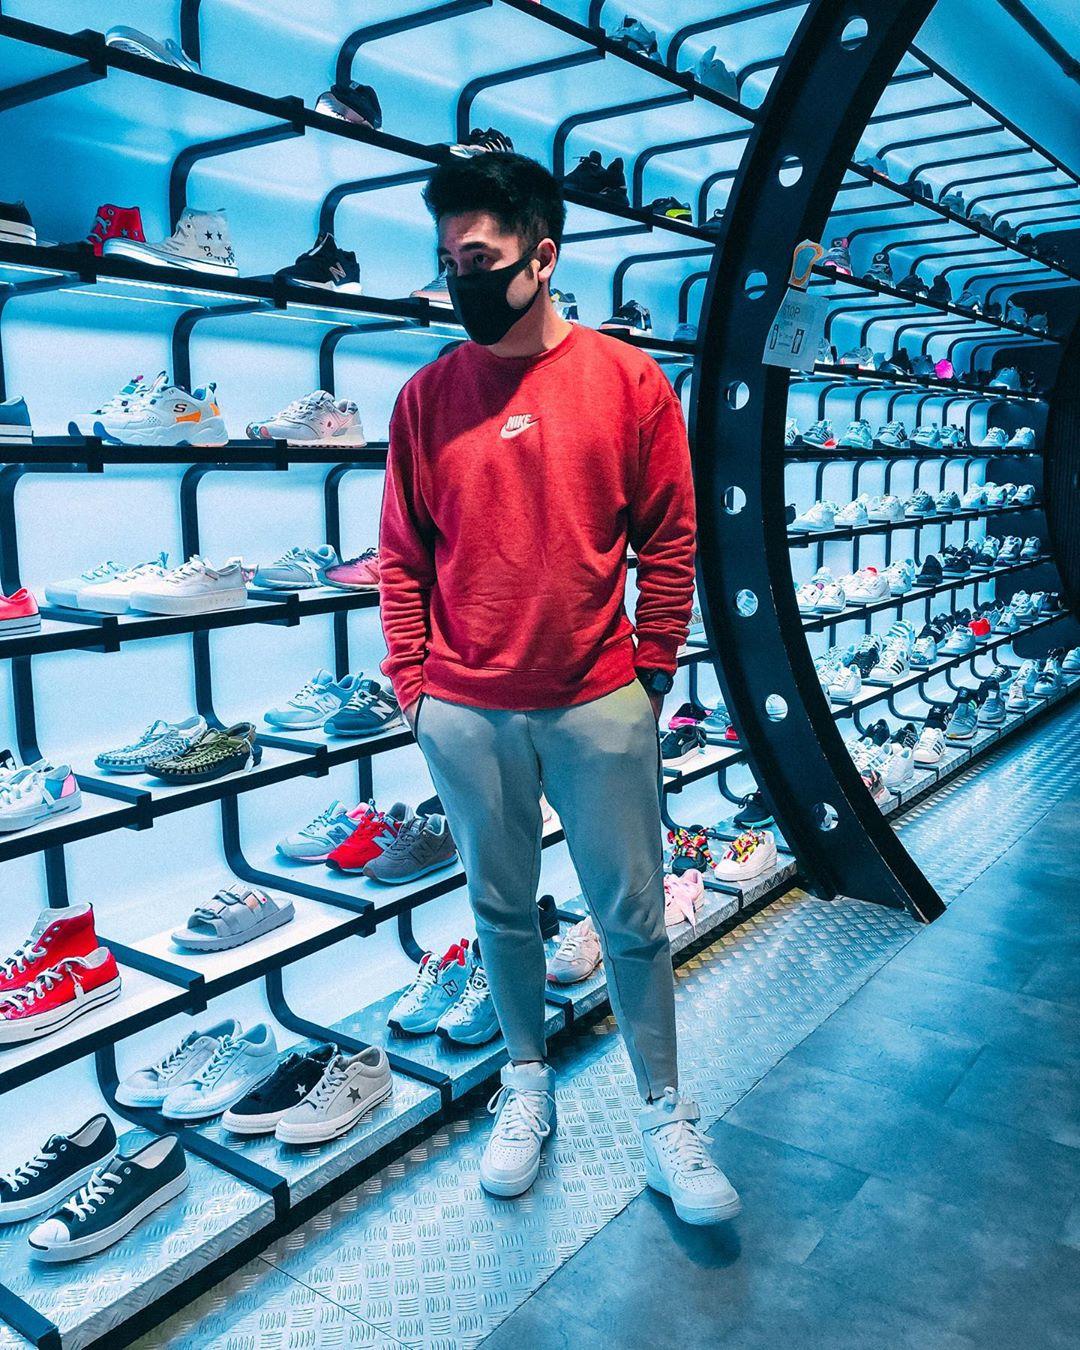 Toko sneaker di Singapura. Instagram @brandonlhd